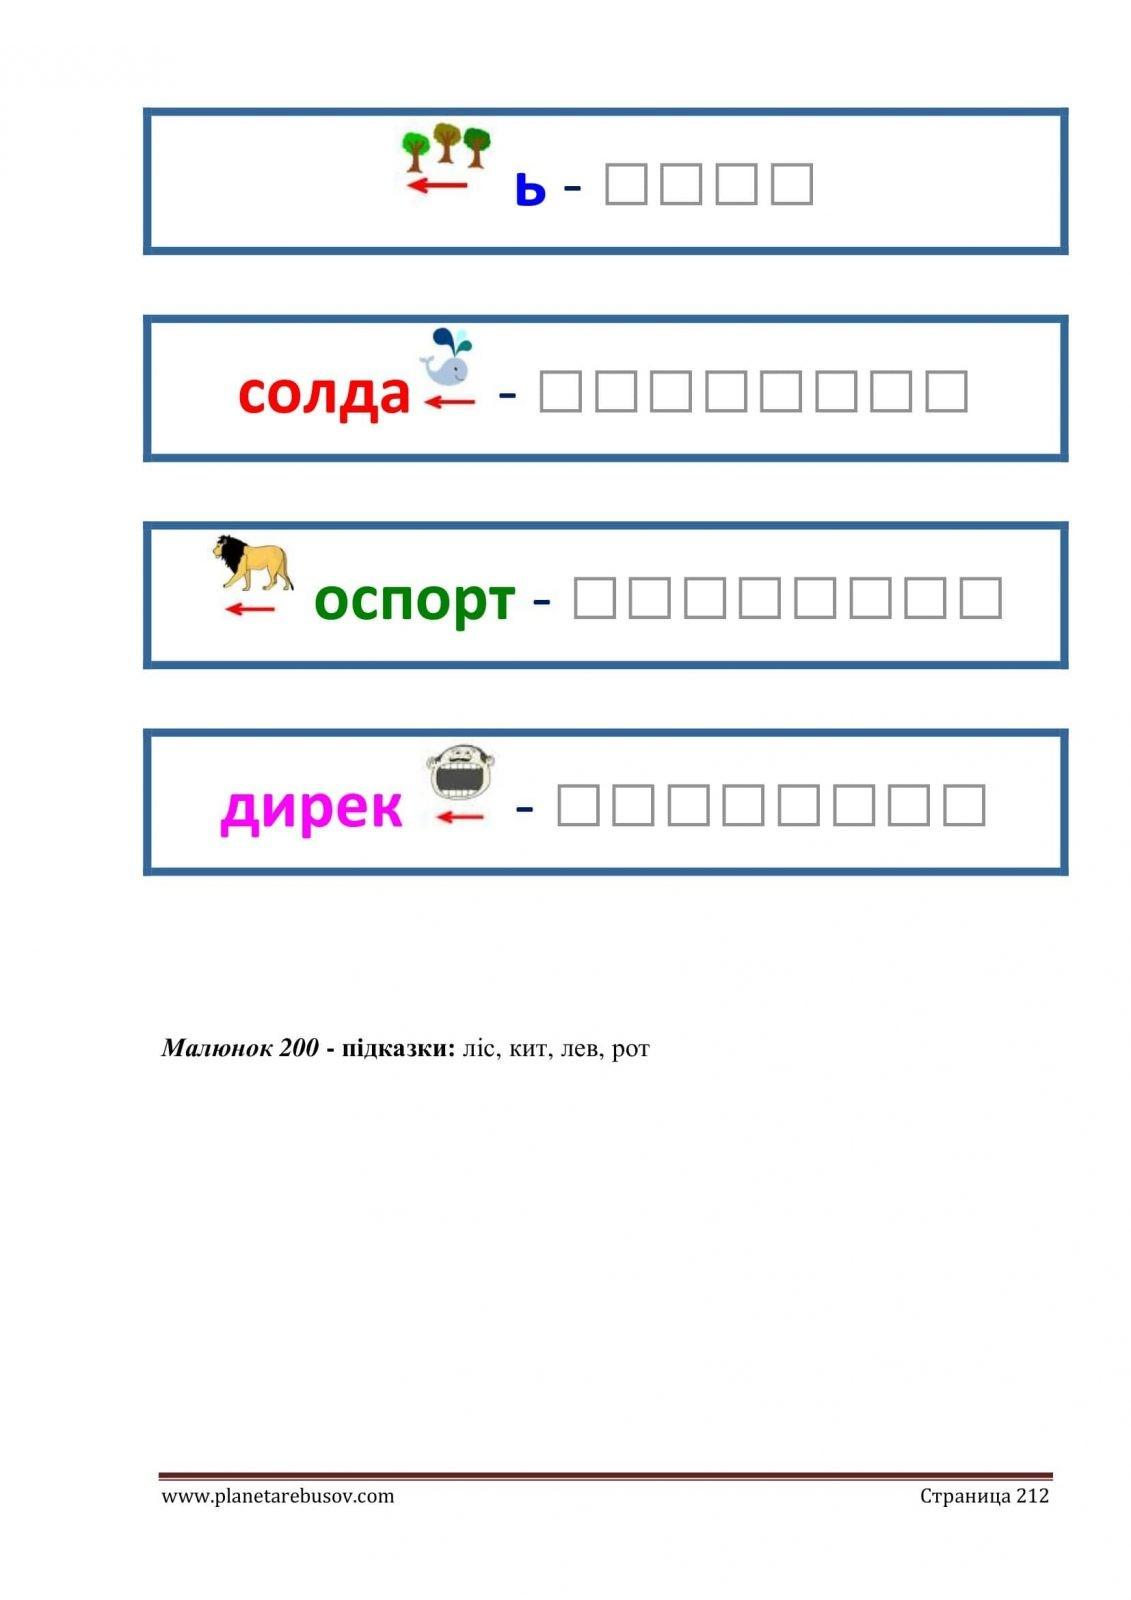 Ребусы на украинском. Уровень 3 — стр 212